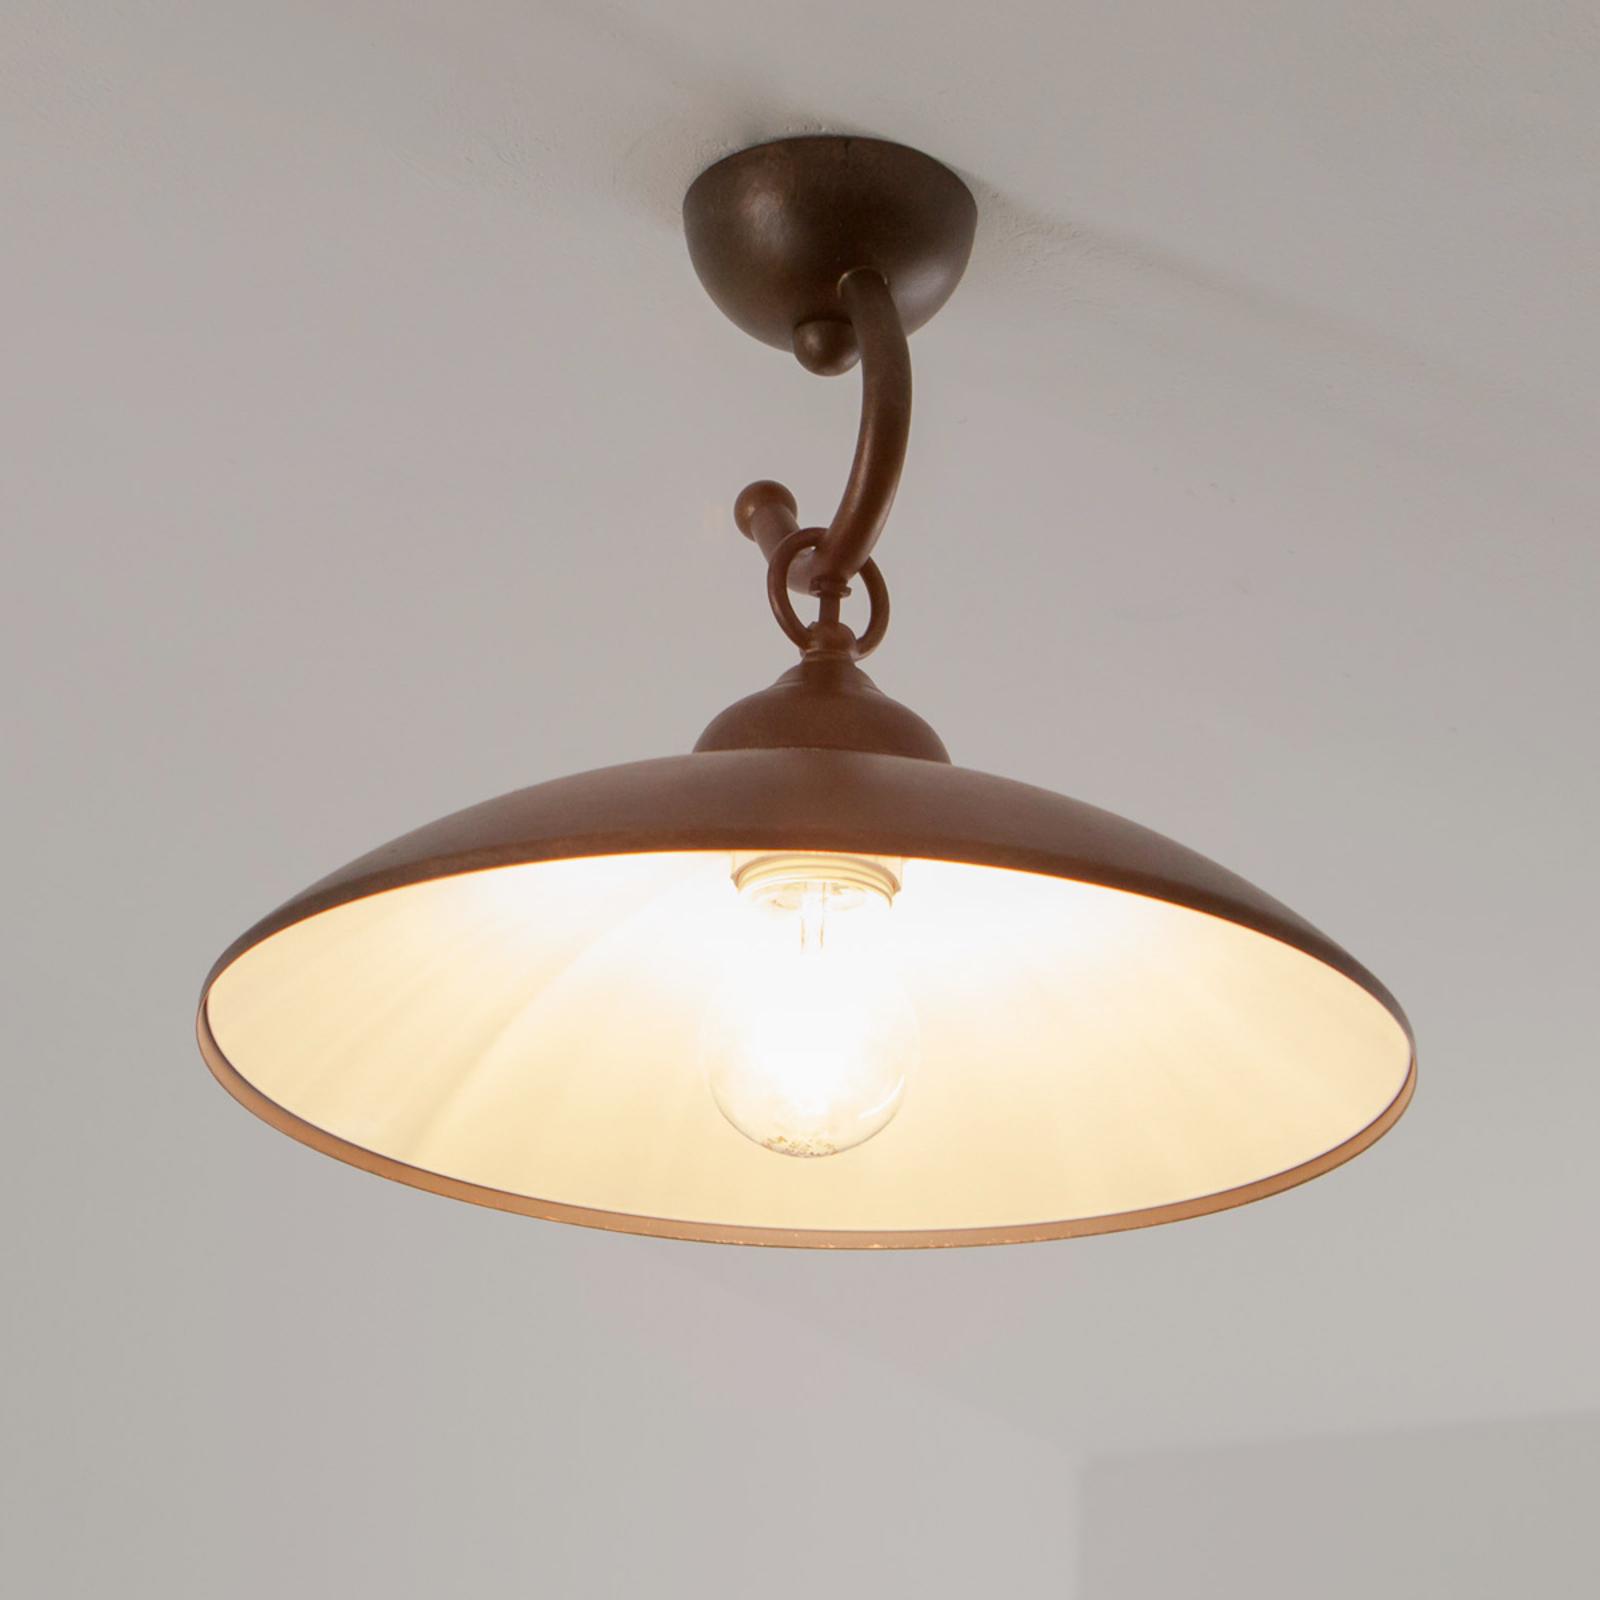 Rustikk Baja taklampe i brun